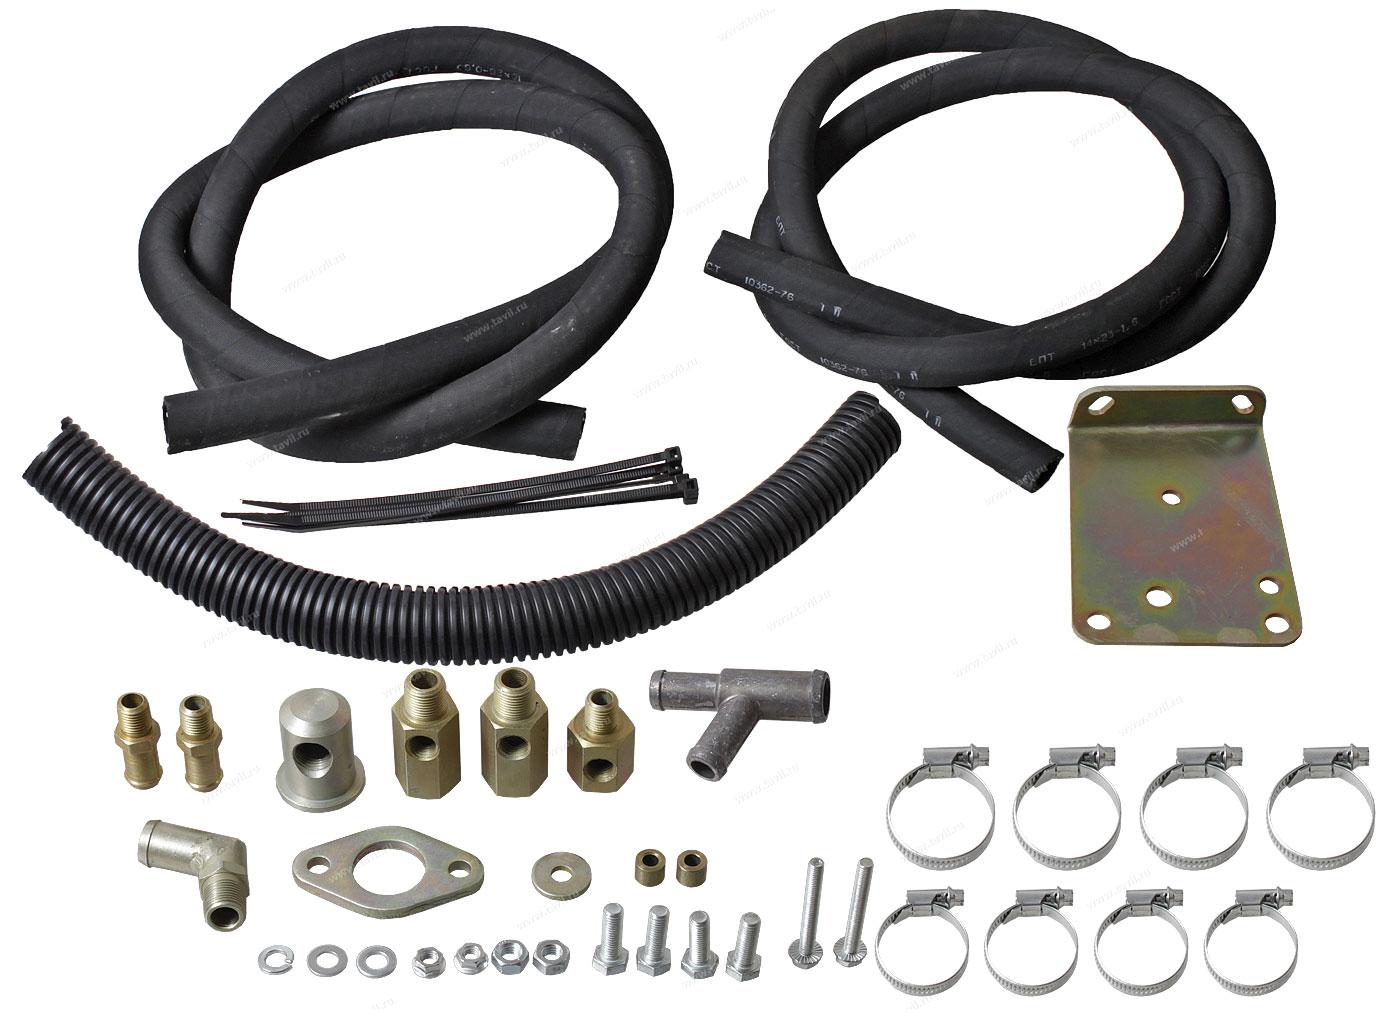 инструкция по установке подогревателя на калину 12 клапанов двигатель